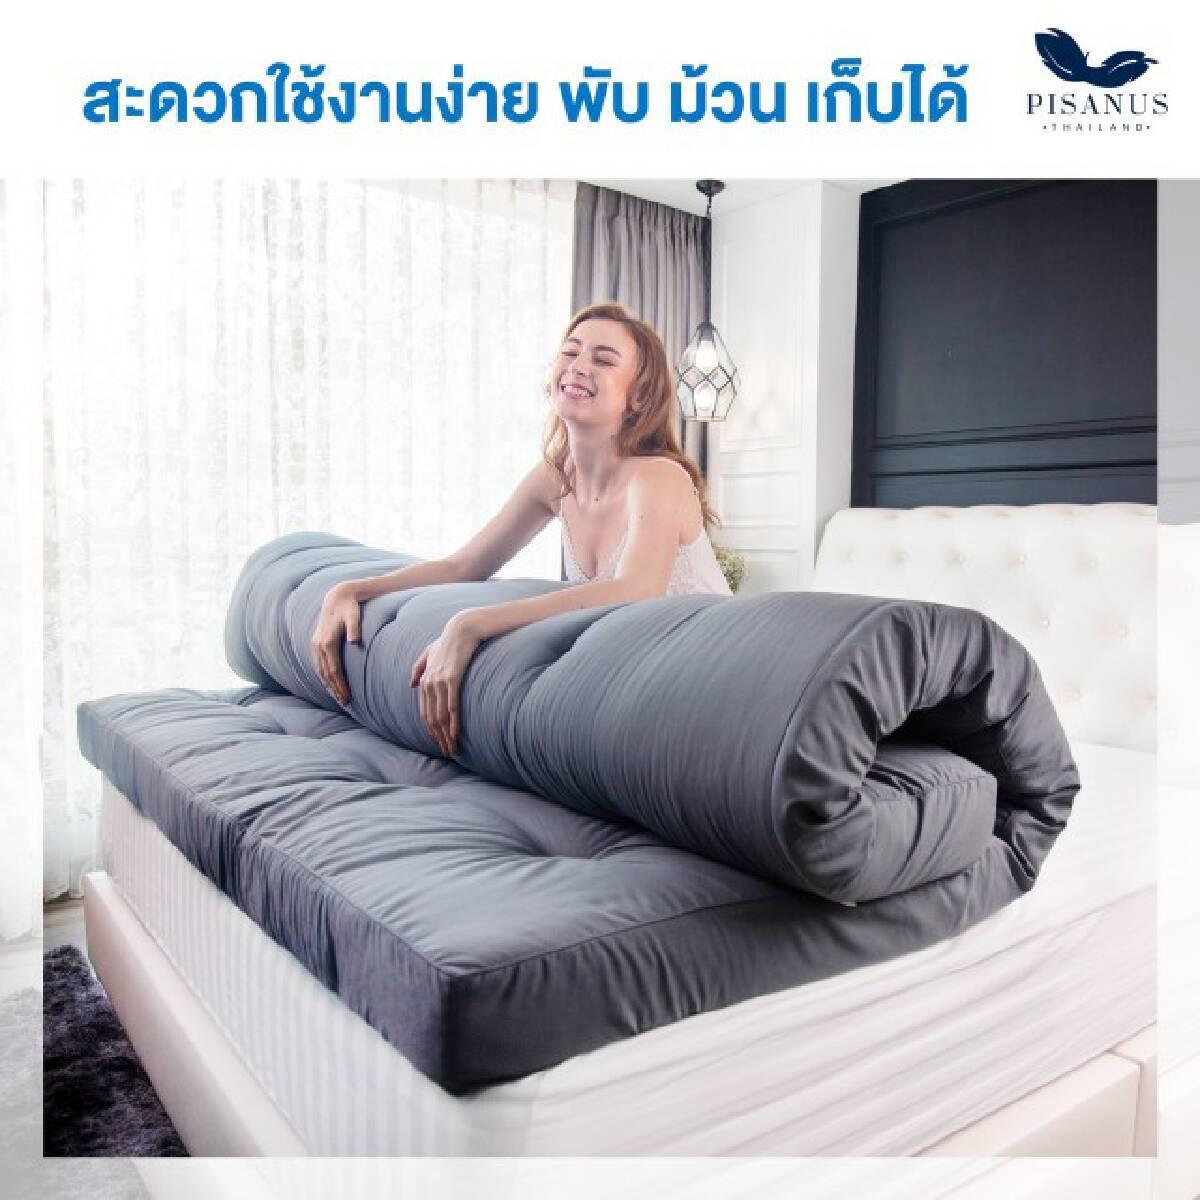 Pisanus Thailand จุดเริ่มต้นธุรกิจจากห้องเช่าเล็กๆ สู่แบรนด์ท็อปเปอร์อันดับต้นๆของประเทศไทย